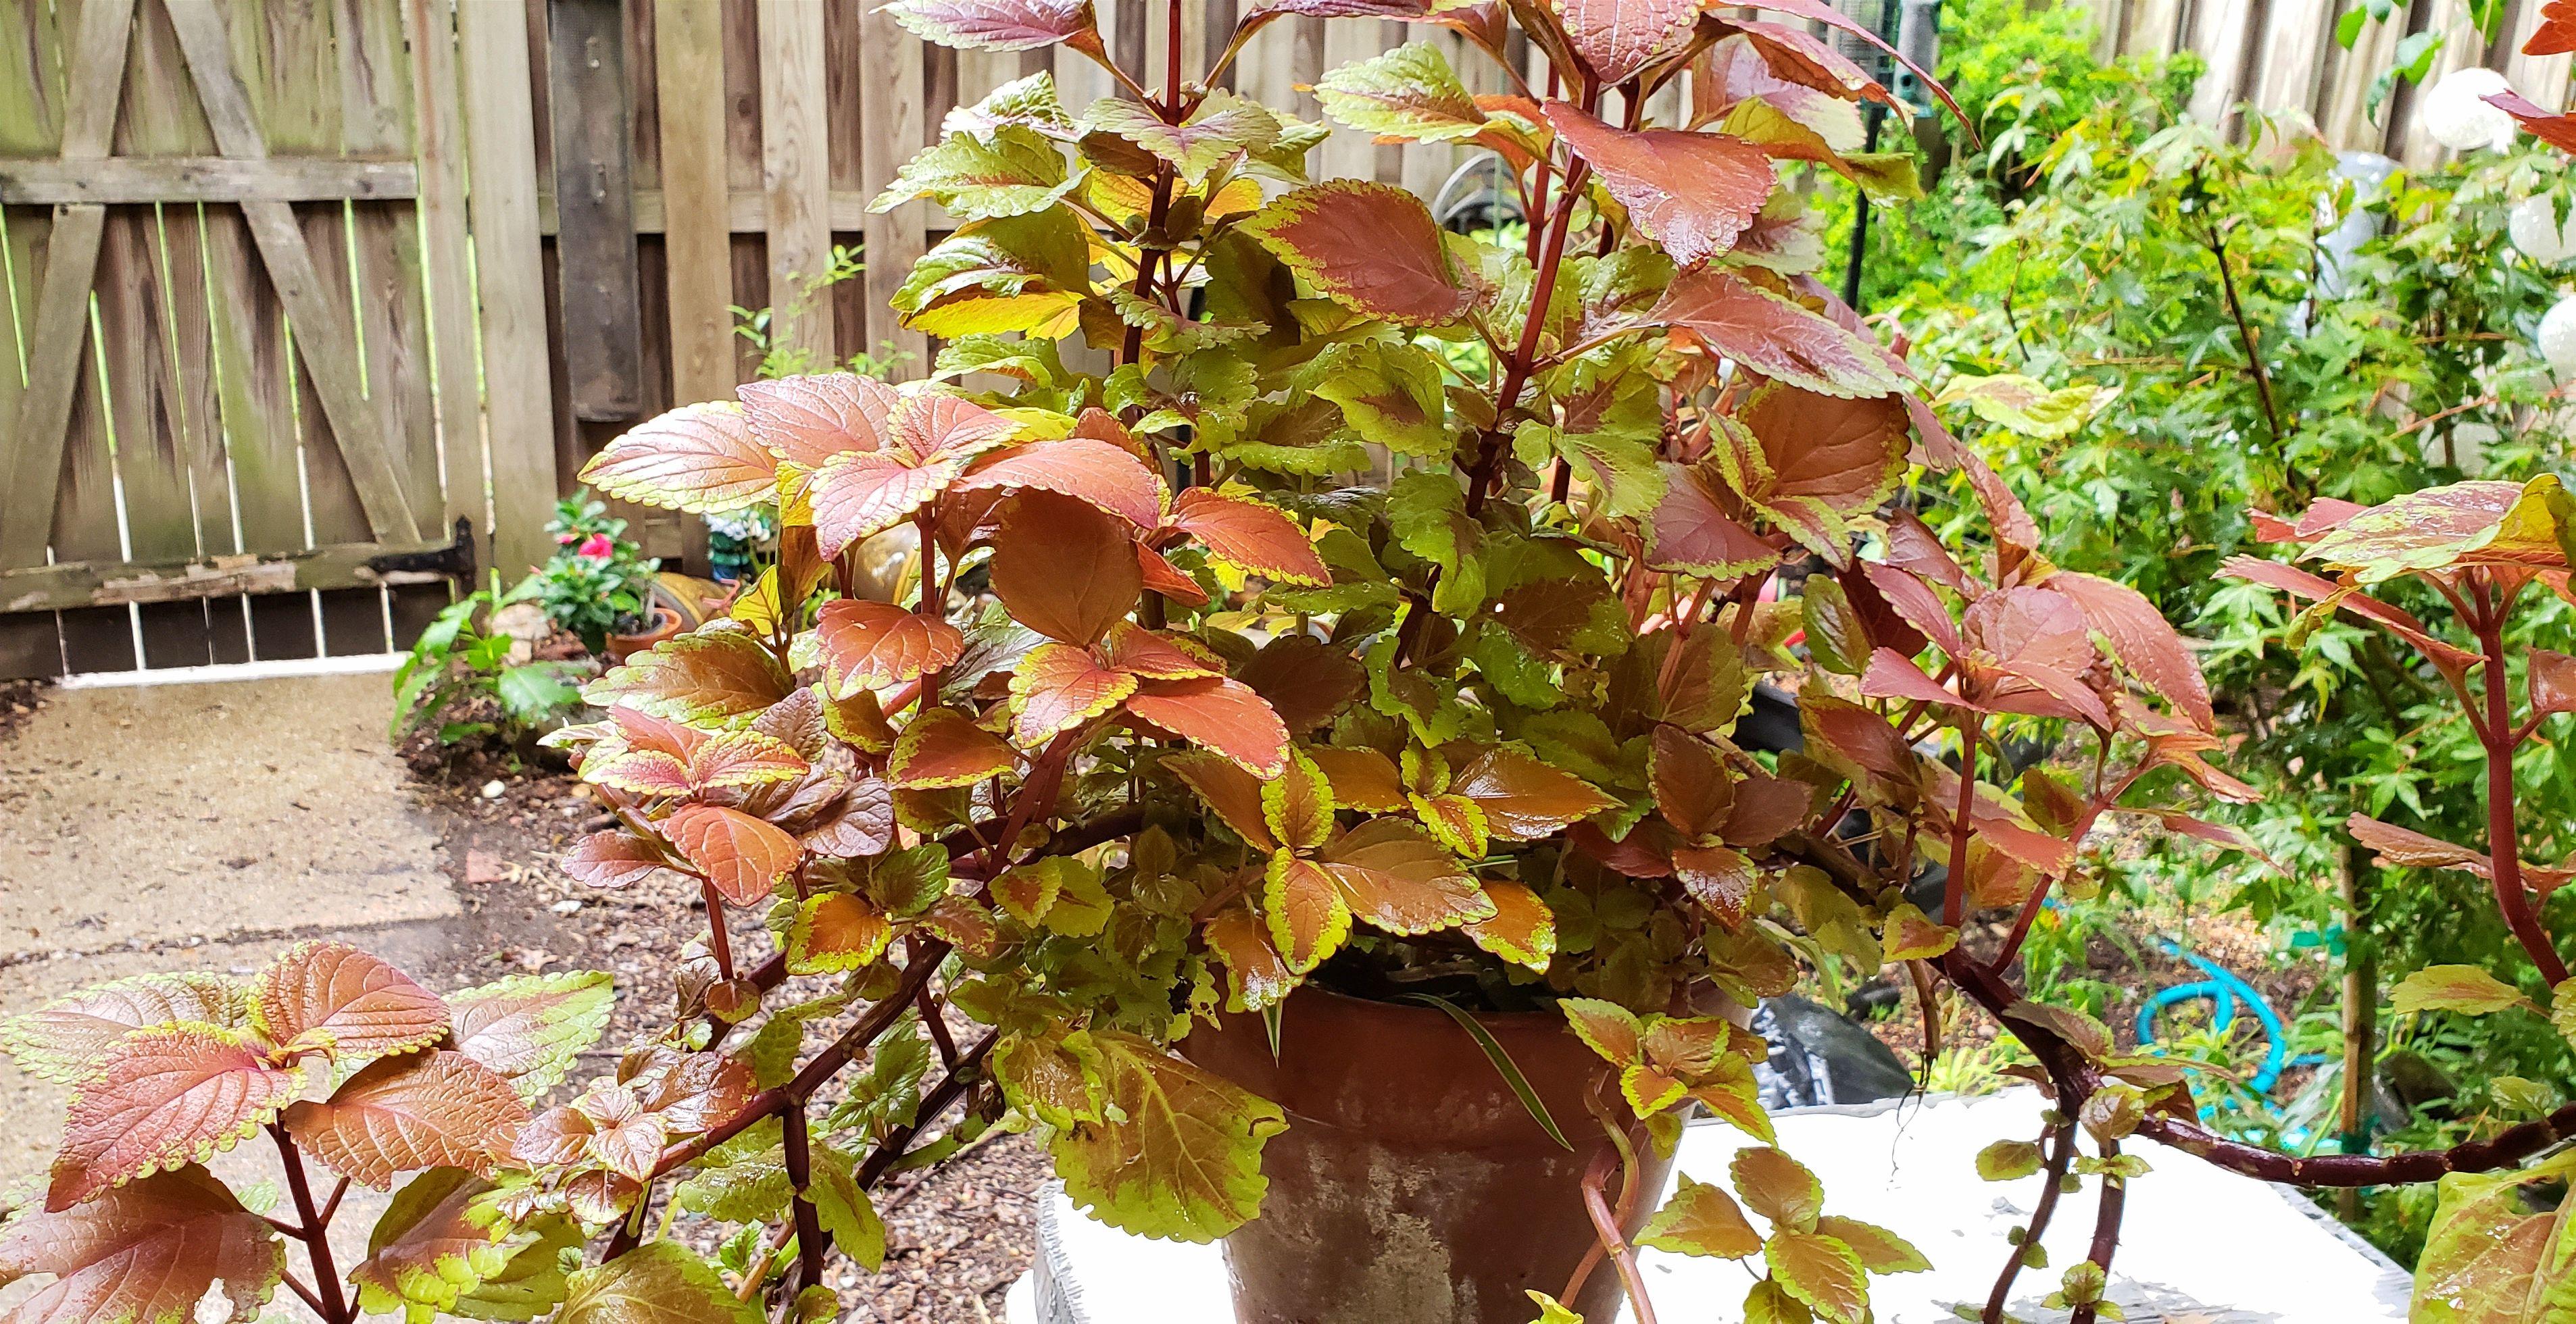 Coleus plant before trimming